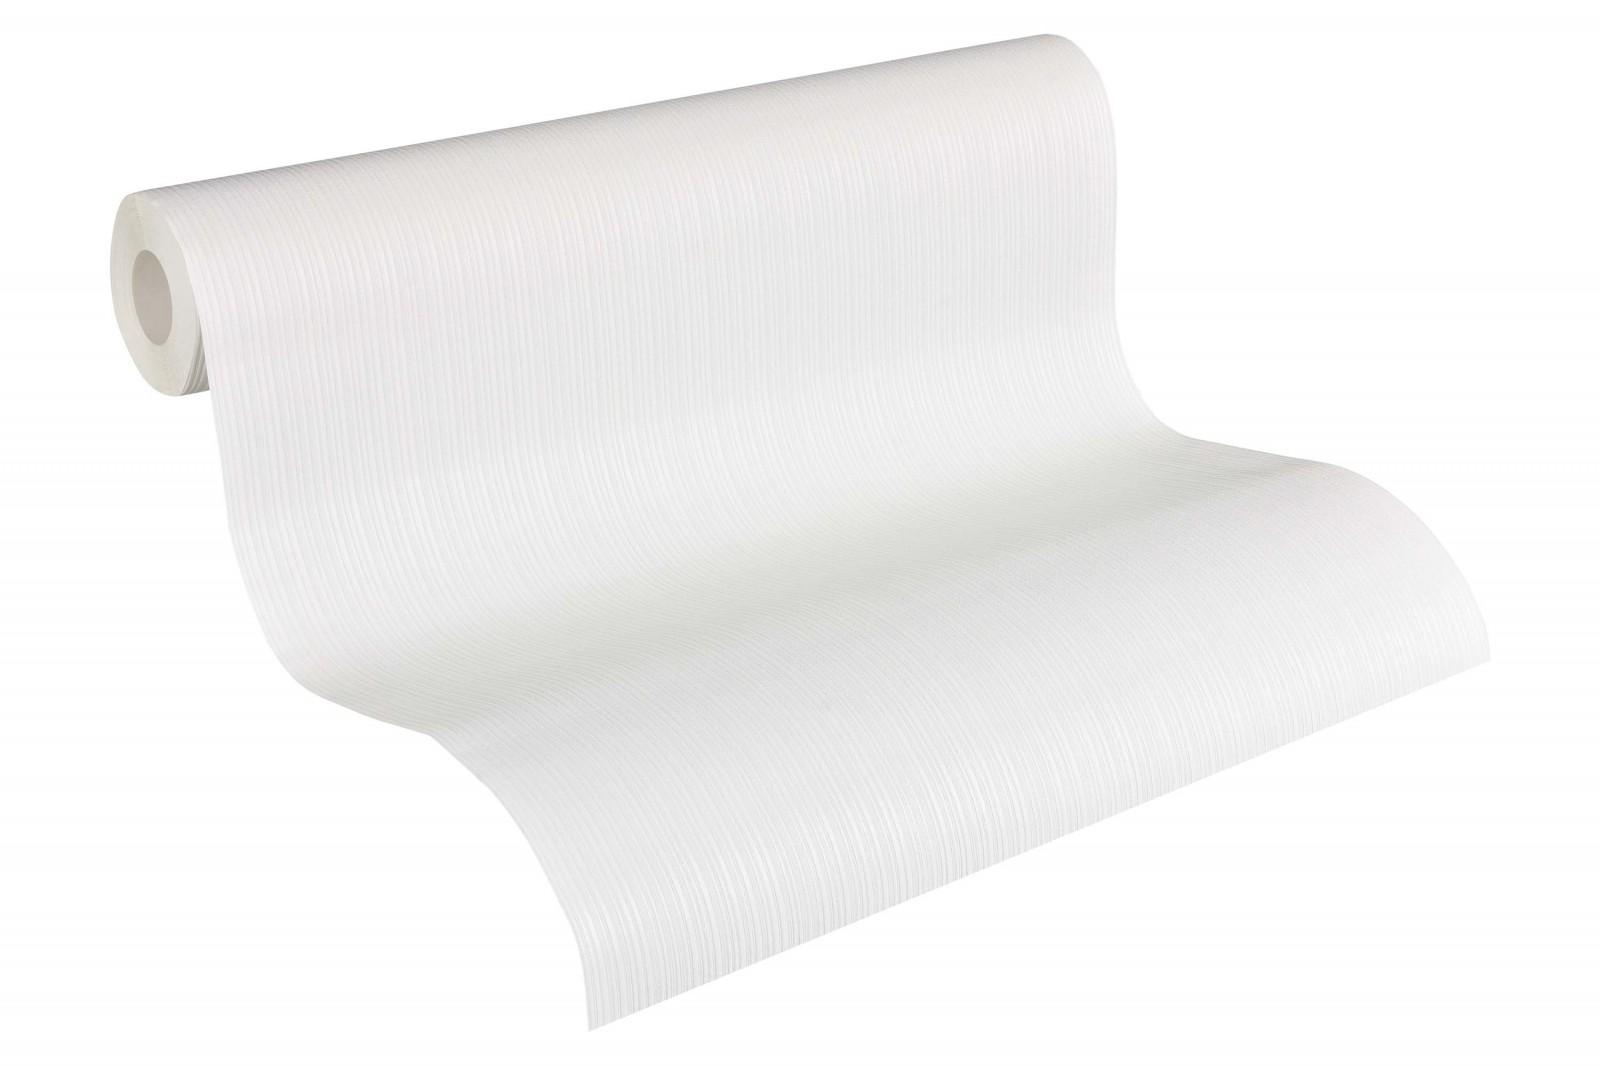 vliestapete berstreichbar streifen wei ap pigment 9275 14. Black Bedroom Furniture Sets. Home Design Ideas